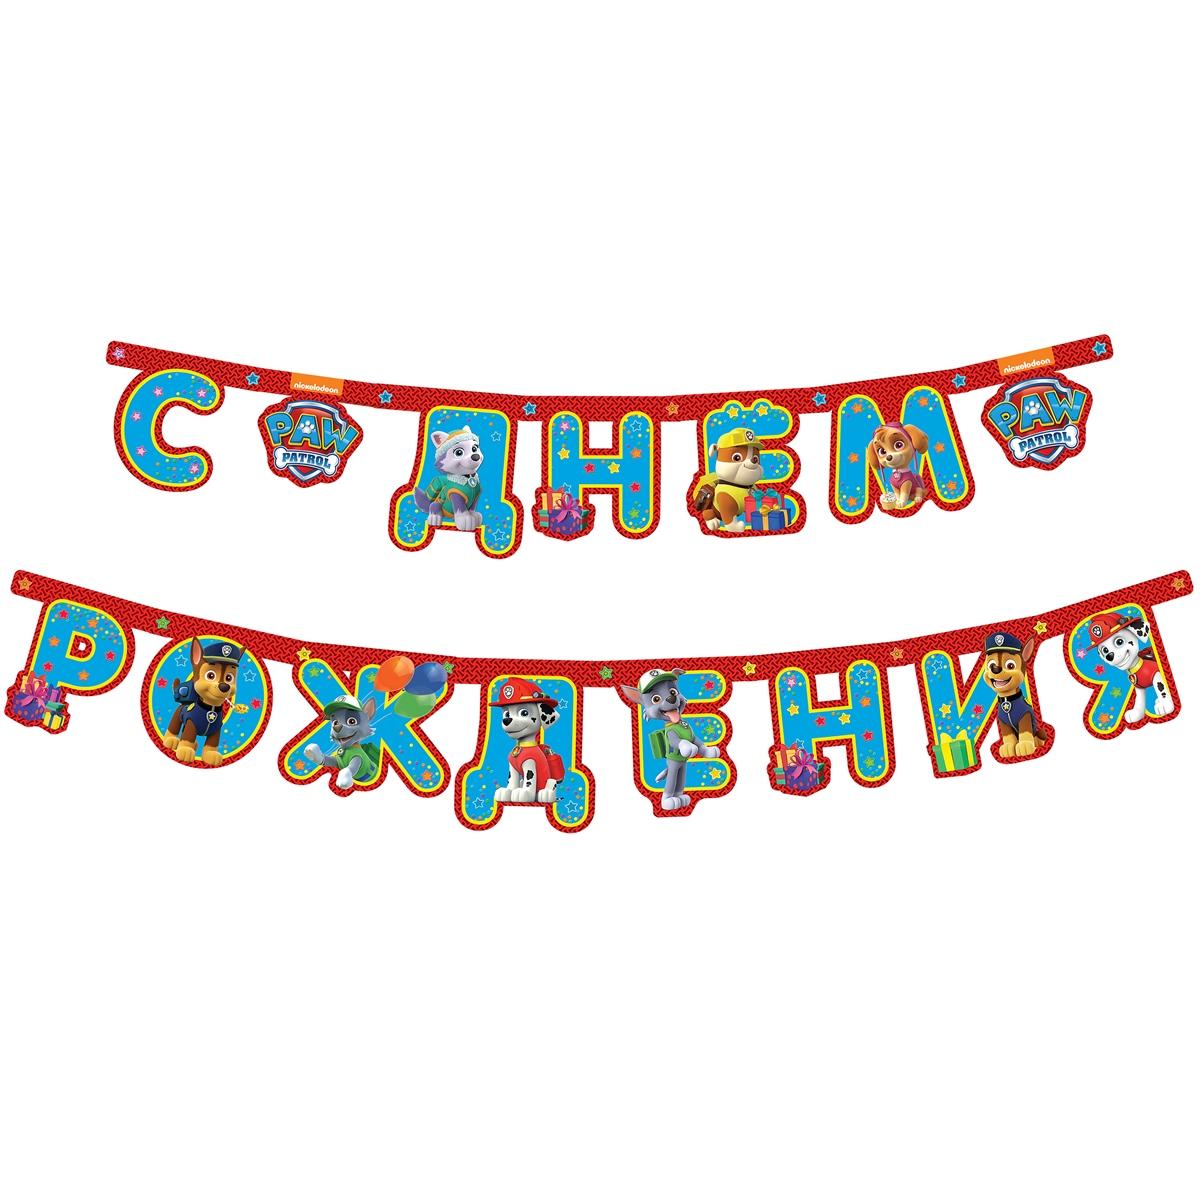 Гирлянда - C днем рождения из серии Щенячий патруль, 2,5 метровЩенячий патруль (Paw Patrol)<br>Гирлянда - C днем рождения из серии Щенячий патруль, 2,5 метров<br>